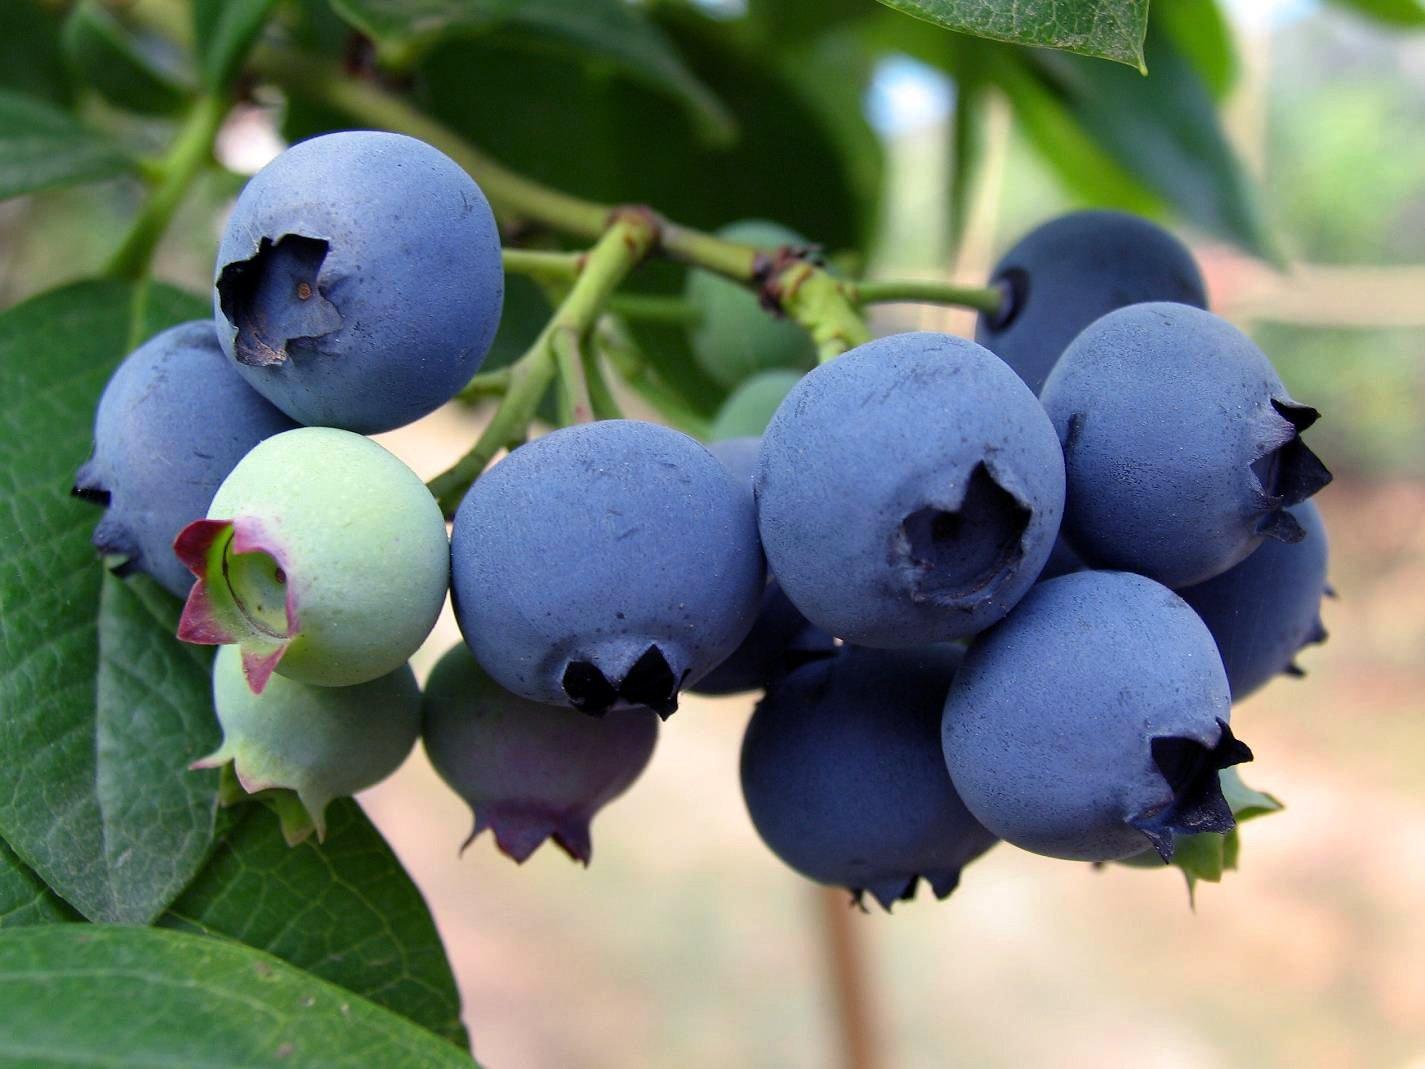 蓝莓_网上逛街_网上麻江